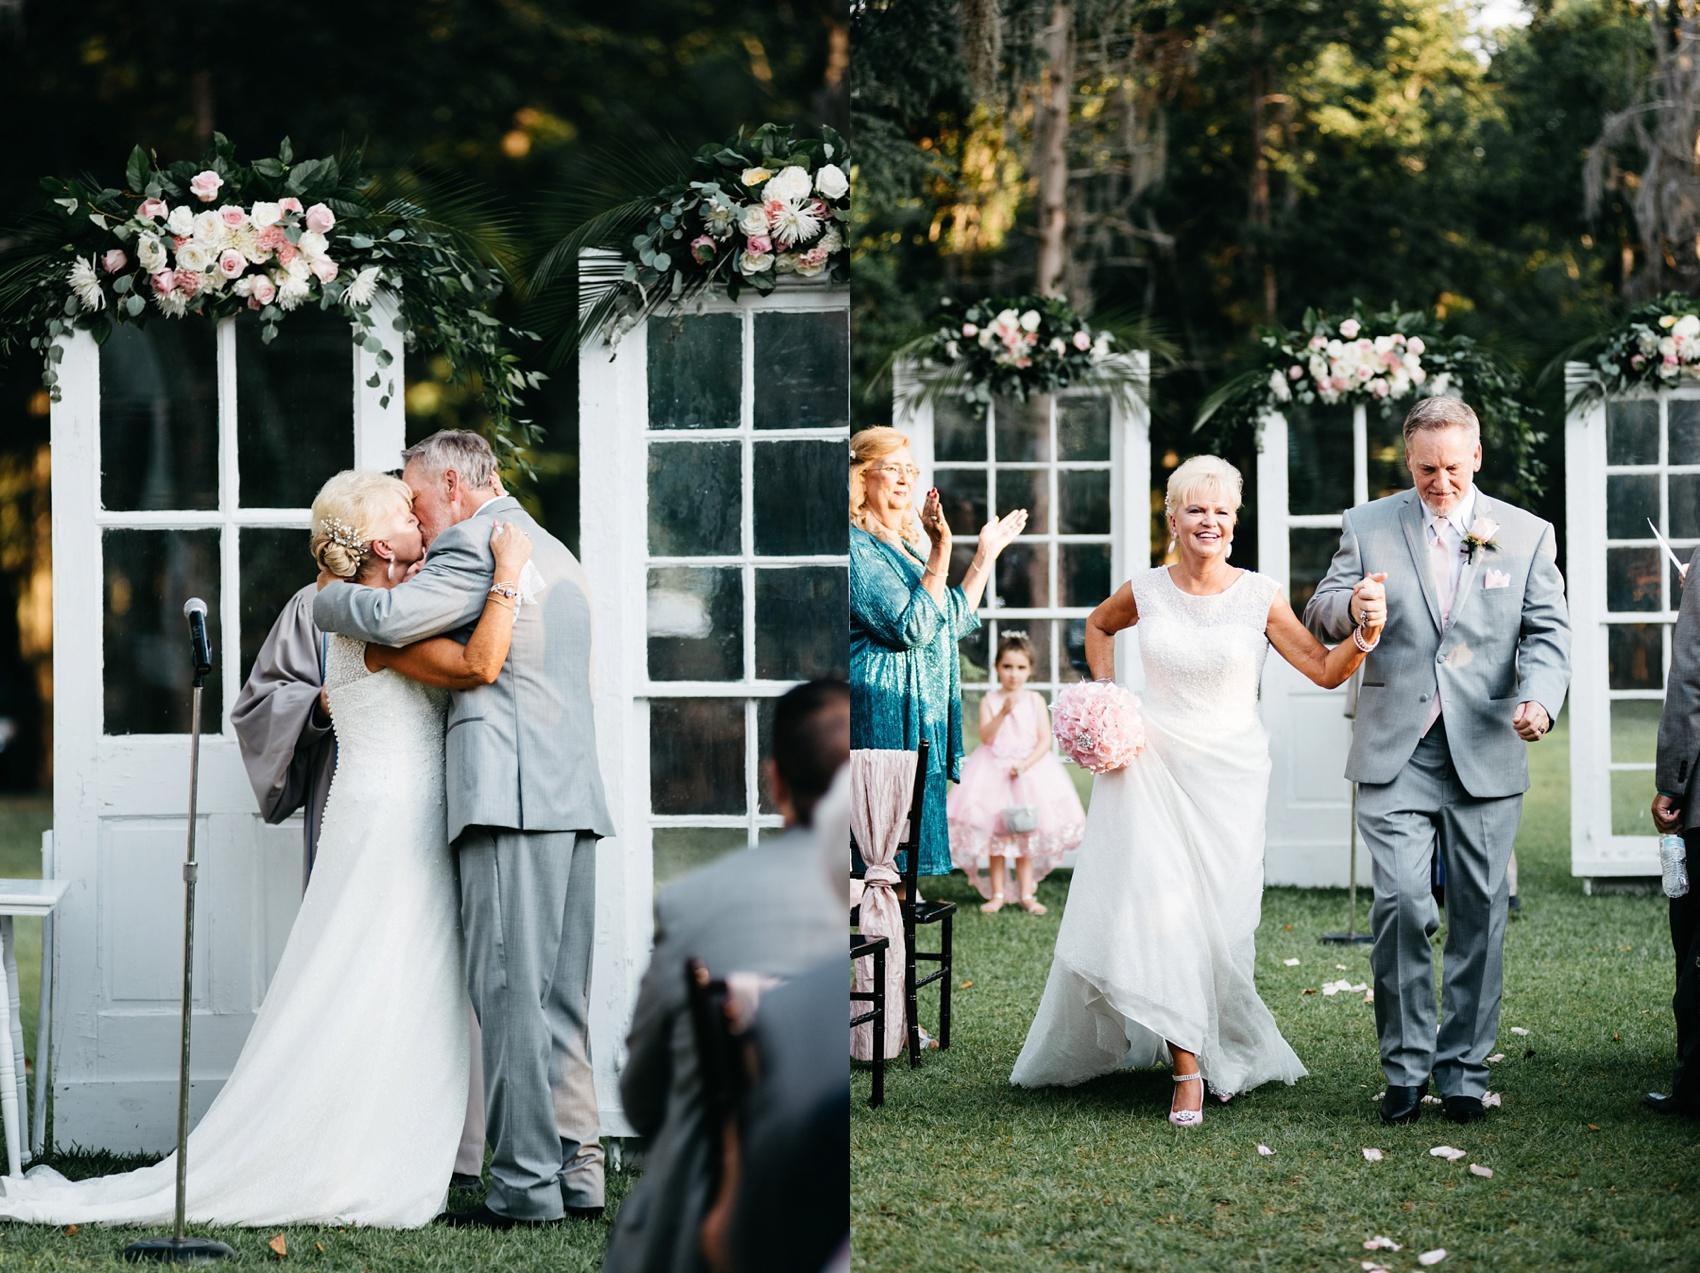 stillco_wedding_3264.jpg